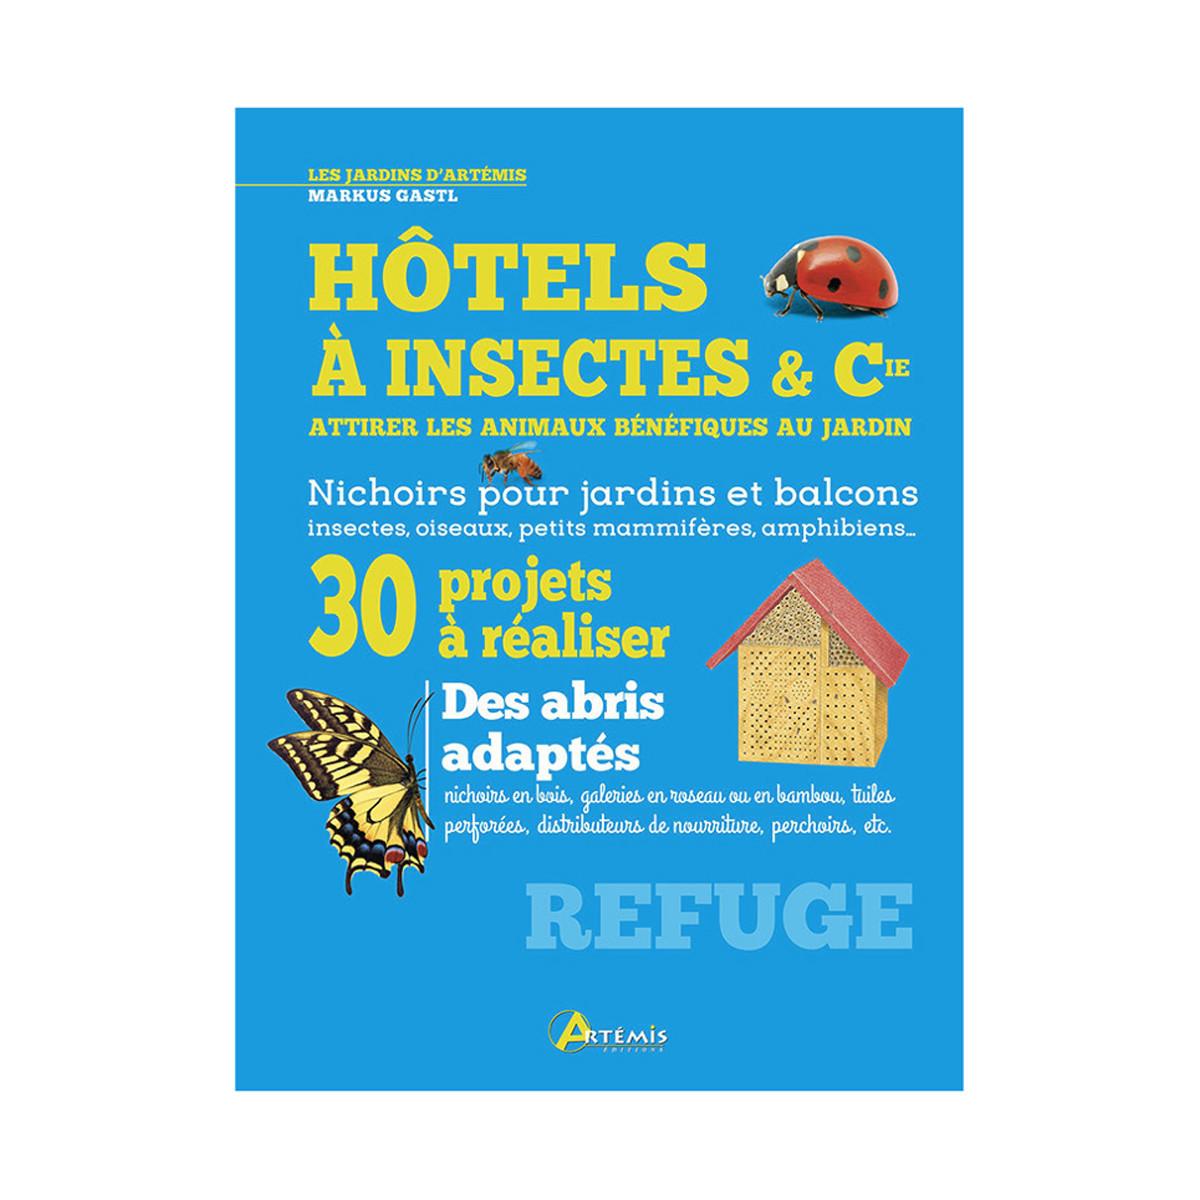 Hôtel à insectes et cie